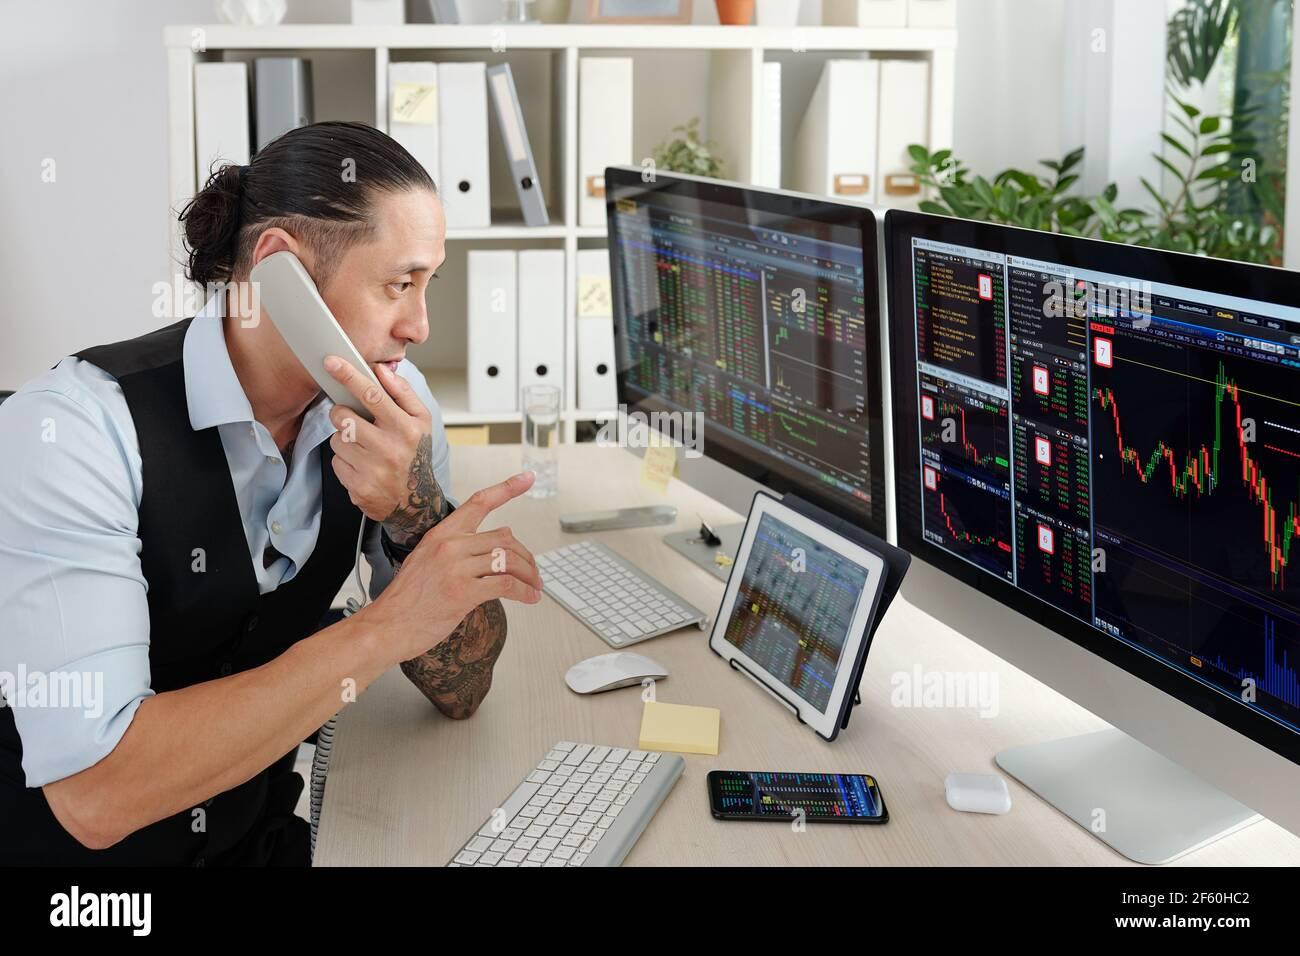 Trader professionnel vérifiant les données du marché boursier sur des écrans sur ordinateur et table numérique et passer un appel téléphonique Banque D'Images